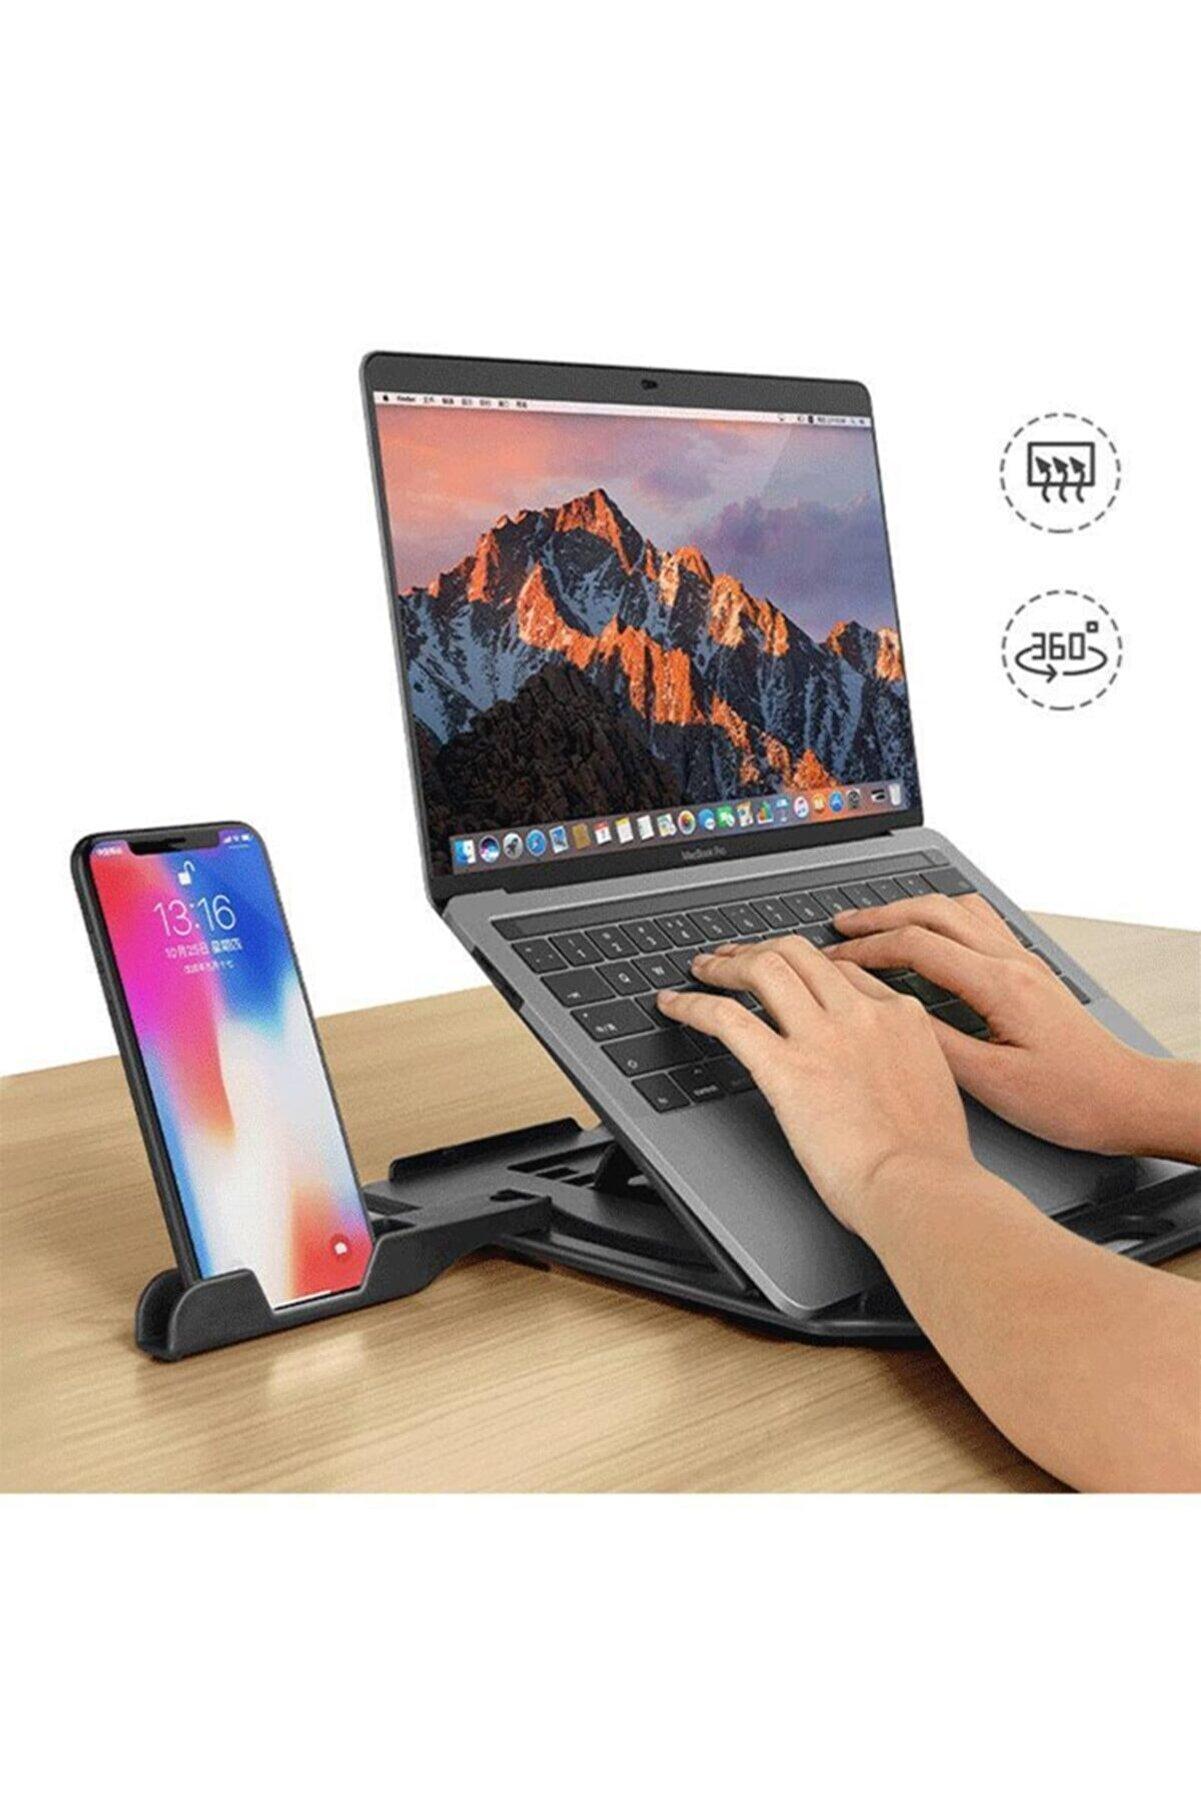 DEHALİMİTED 11-17 Inch 360 Derece Dönebilen Telefon Tutuculu Notebook Laptop Standı